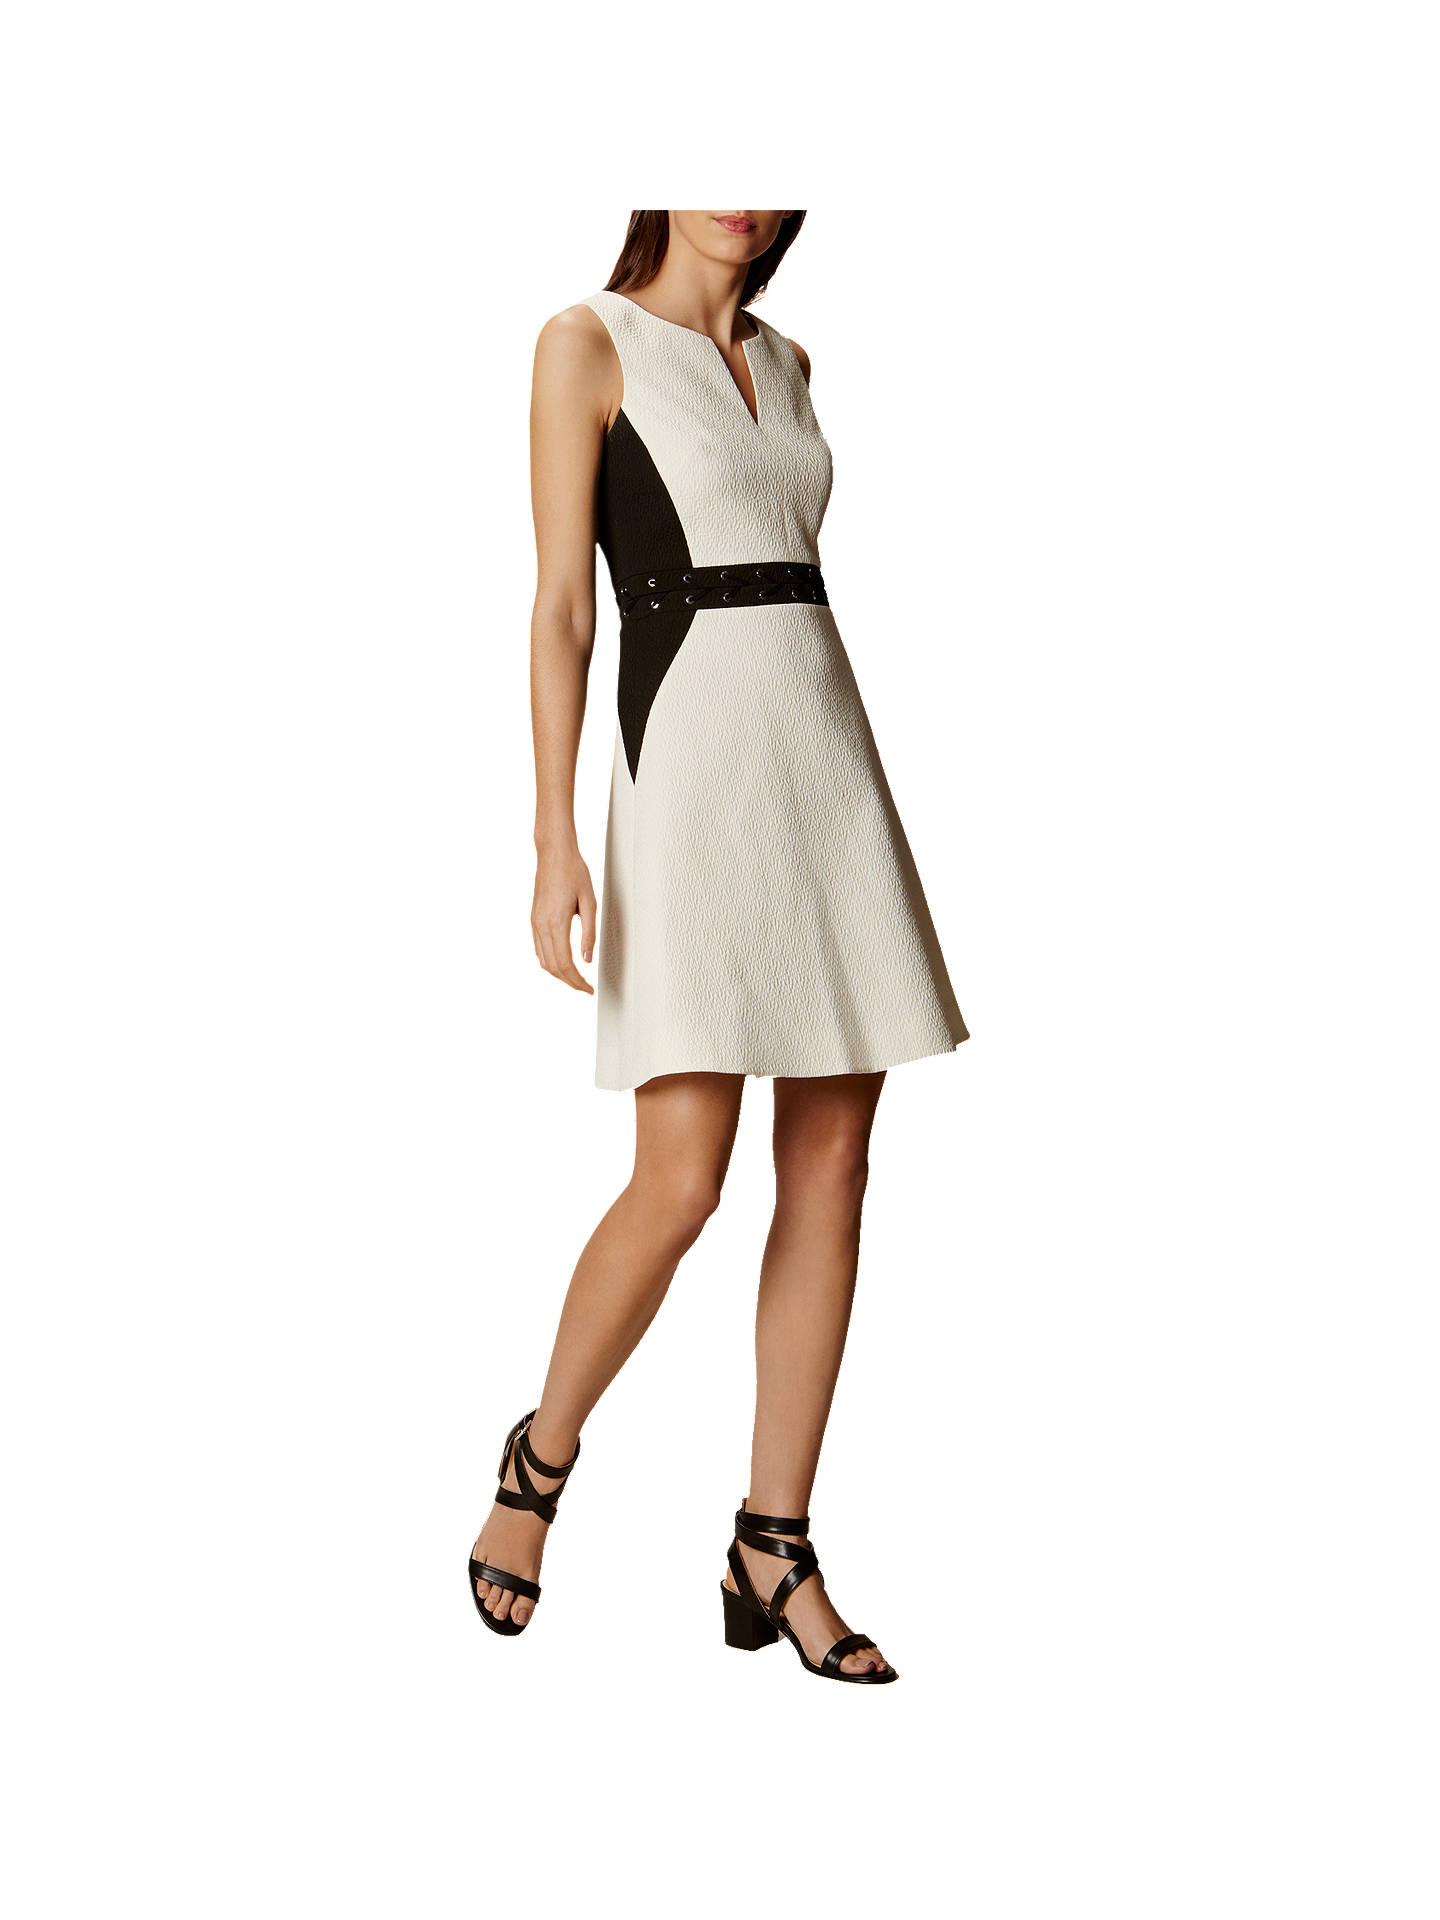 a0e4f55c012 Buy Karen Millen Textured Eyelet Dress